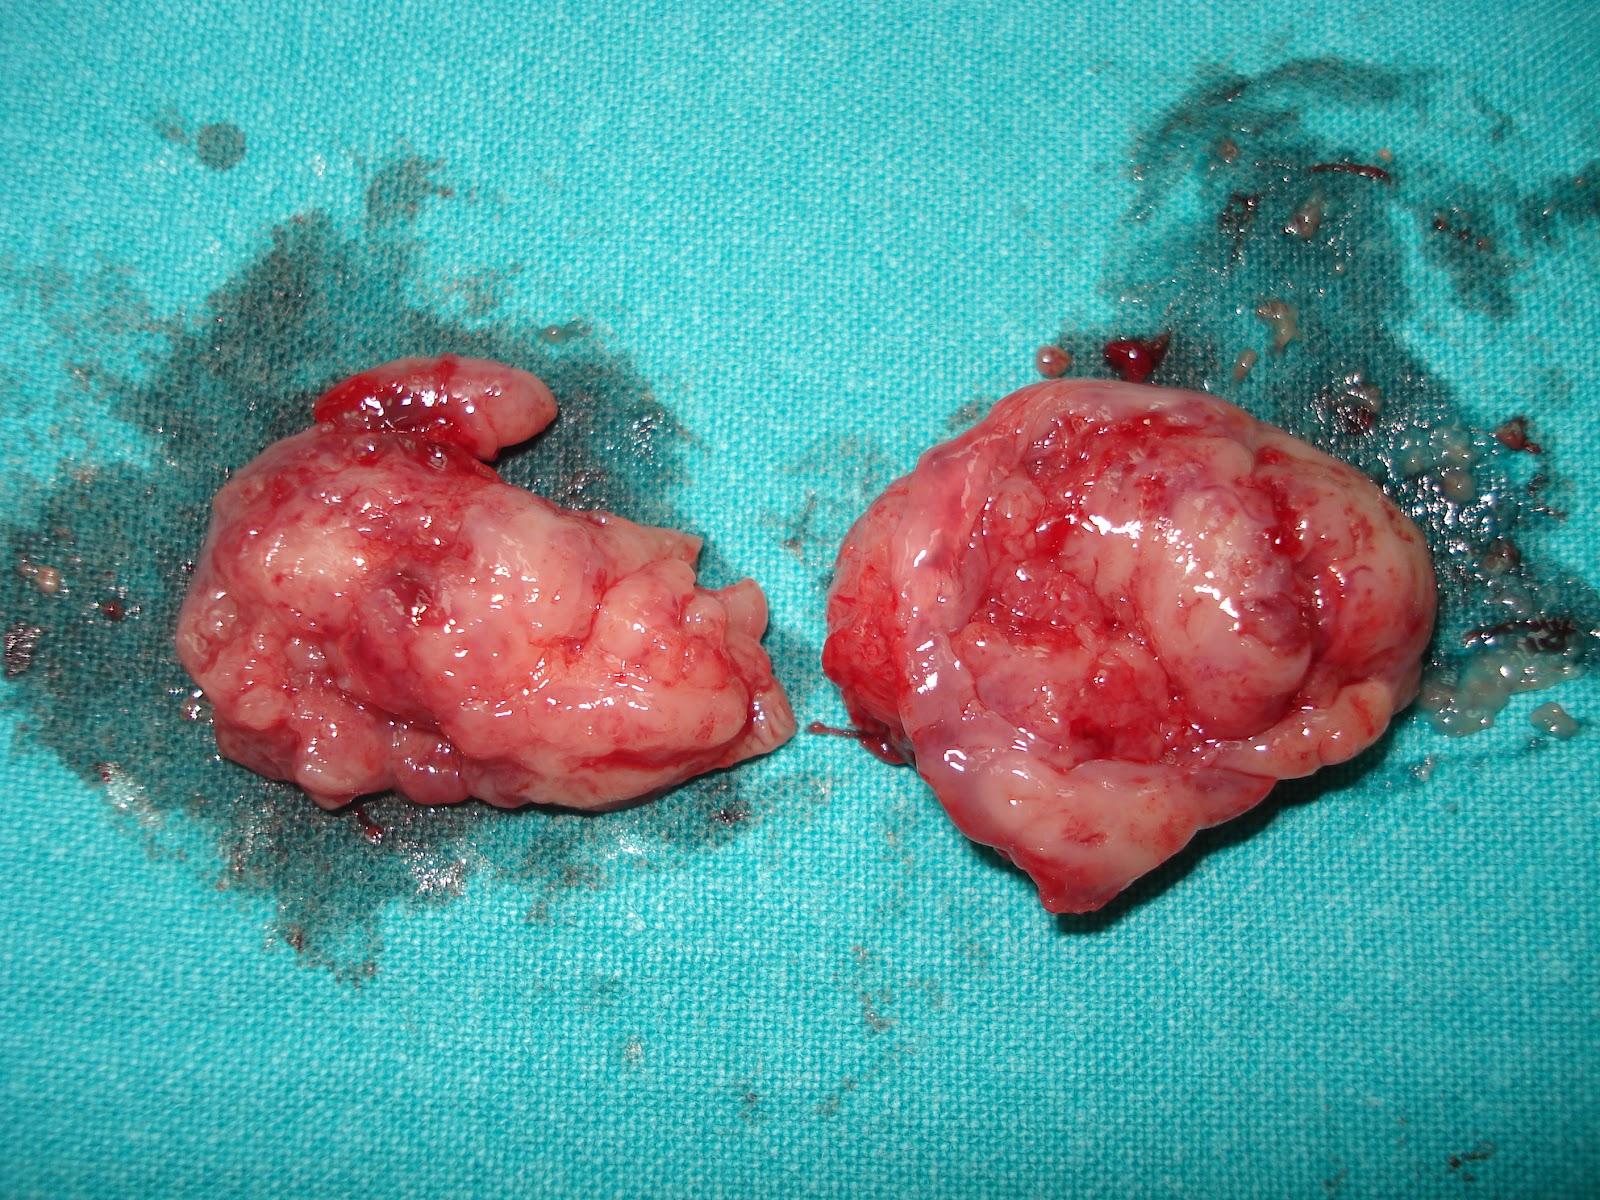 Dolore Alla Gola Dopo Tonsillectomia